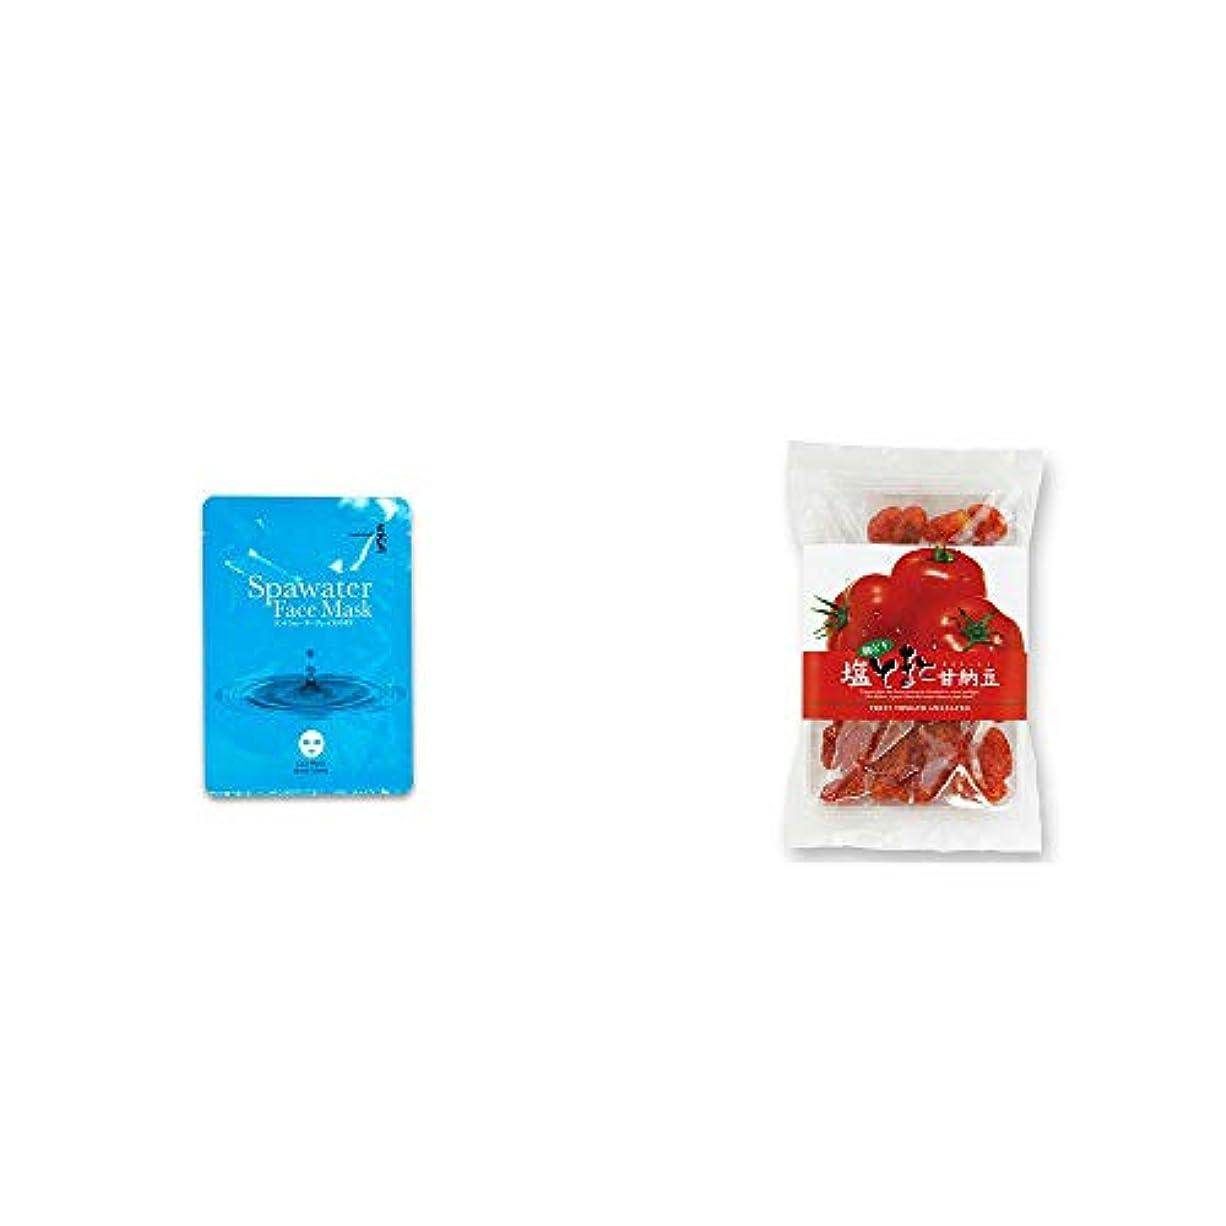 [2点セット] ひのき炭黒泉 スパウォーターフェイスマスク(18ml×3枚入)?朝どり 塩とまと甘納豆(150g)